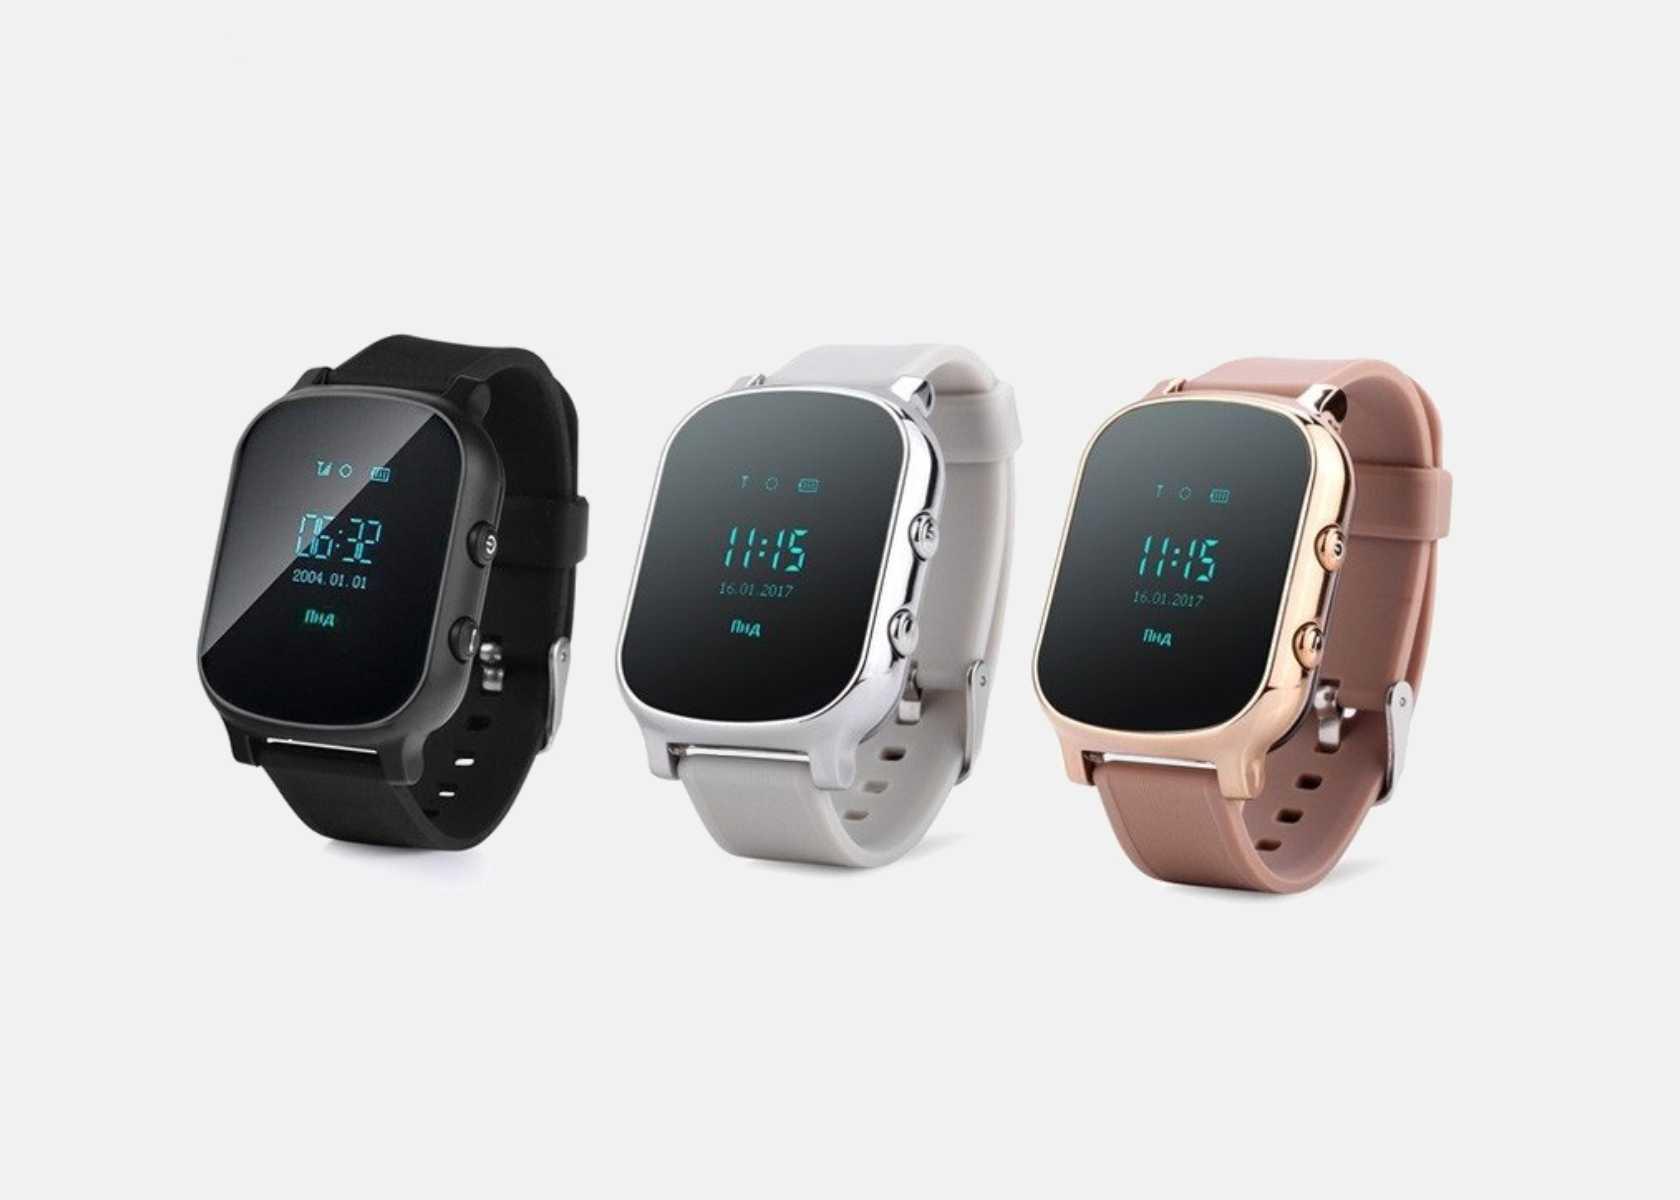 Часы с трекером smart gps watch t58 — это товар, который поставляется нами из китая оптом и без посредников.